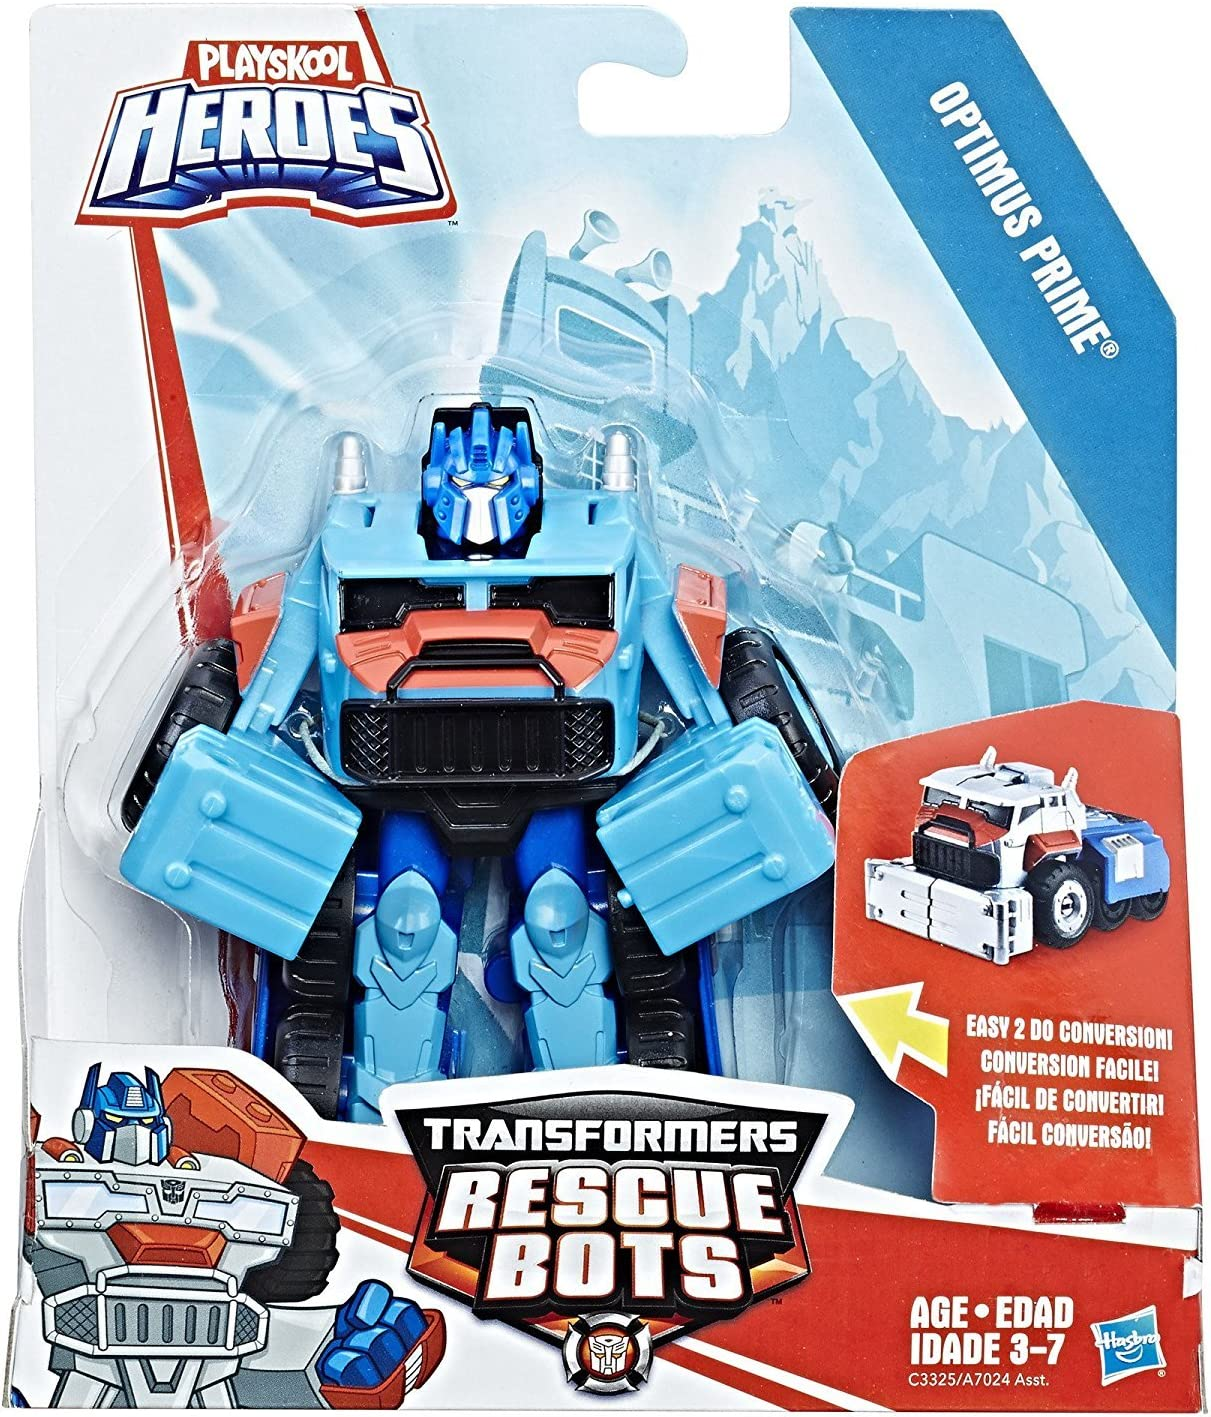 Nuevos Heroes Transformers Rescue Bots Figura de Optimus Prime cepillado por Playskool, g14e6ge4r-ge 4-tew6 W220837: Amazon.es: Juguetes y juegos